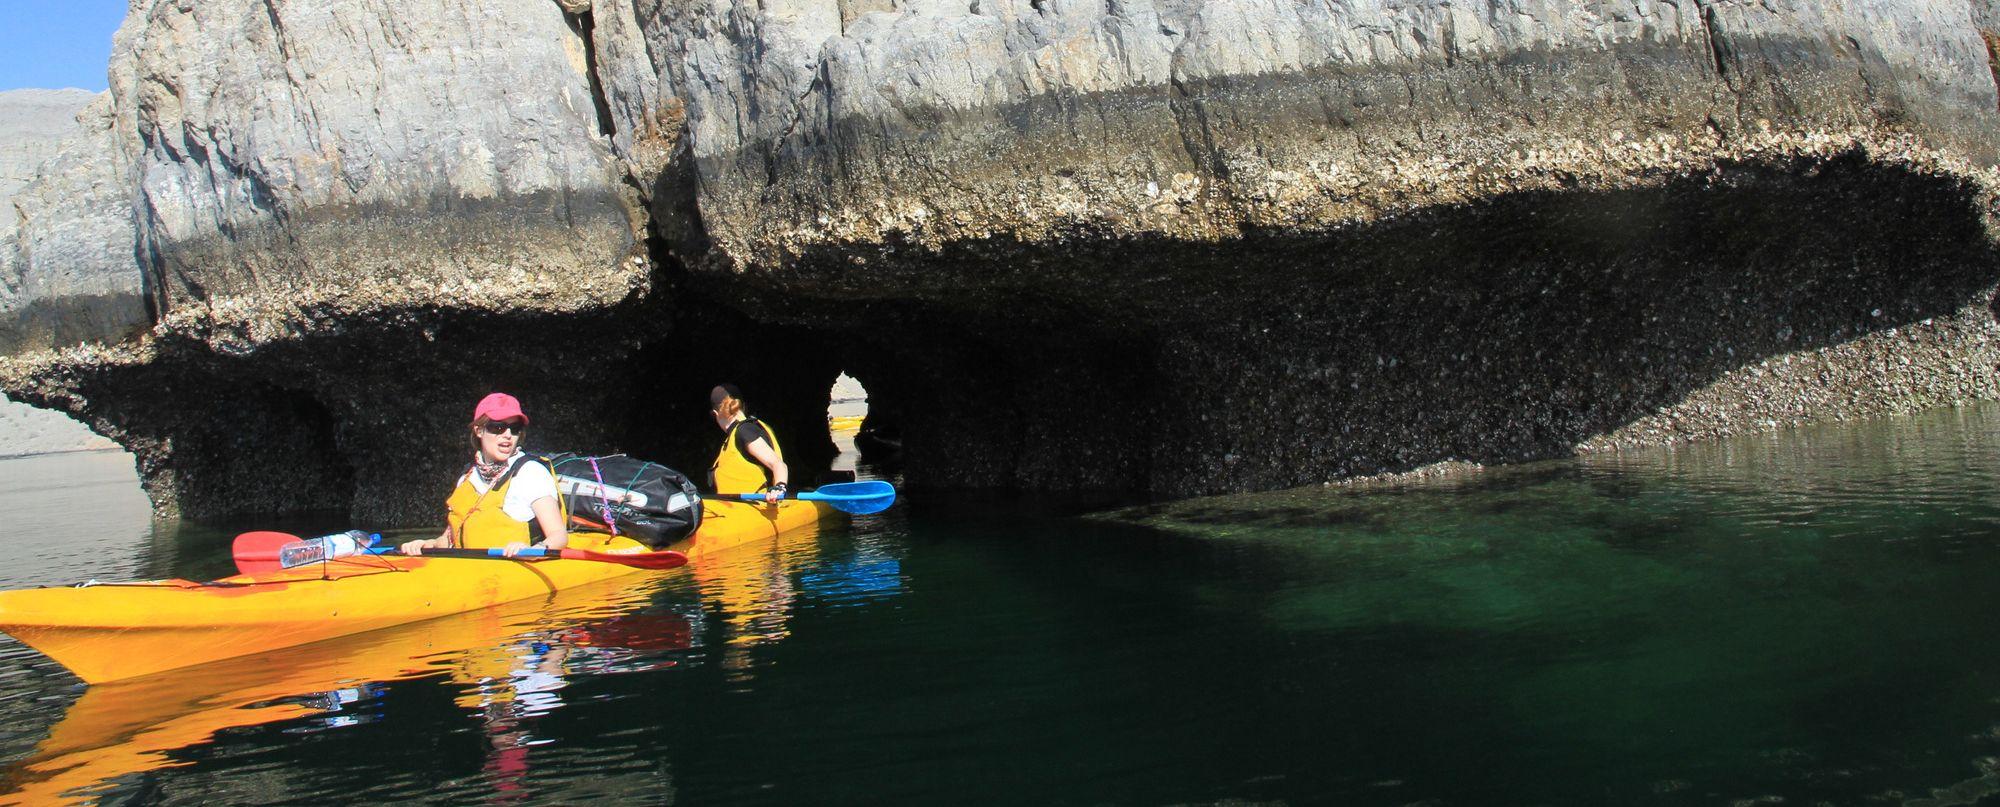 Omán -  Navegando en kayak por los fiordos de Omán - Especial Semana Santa